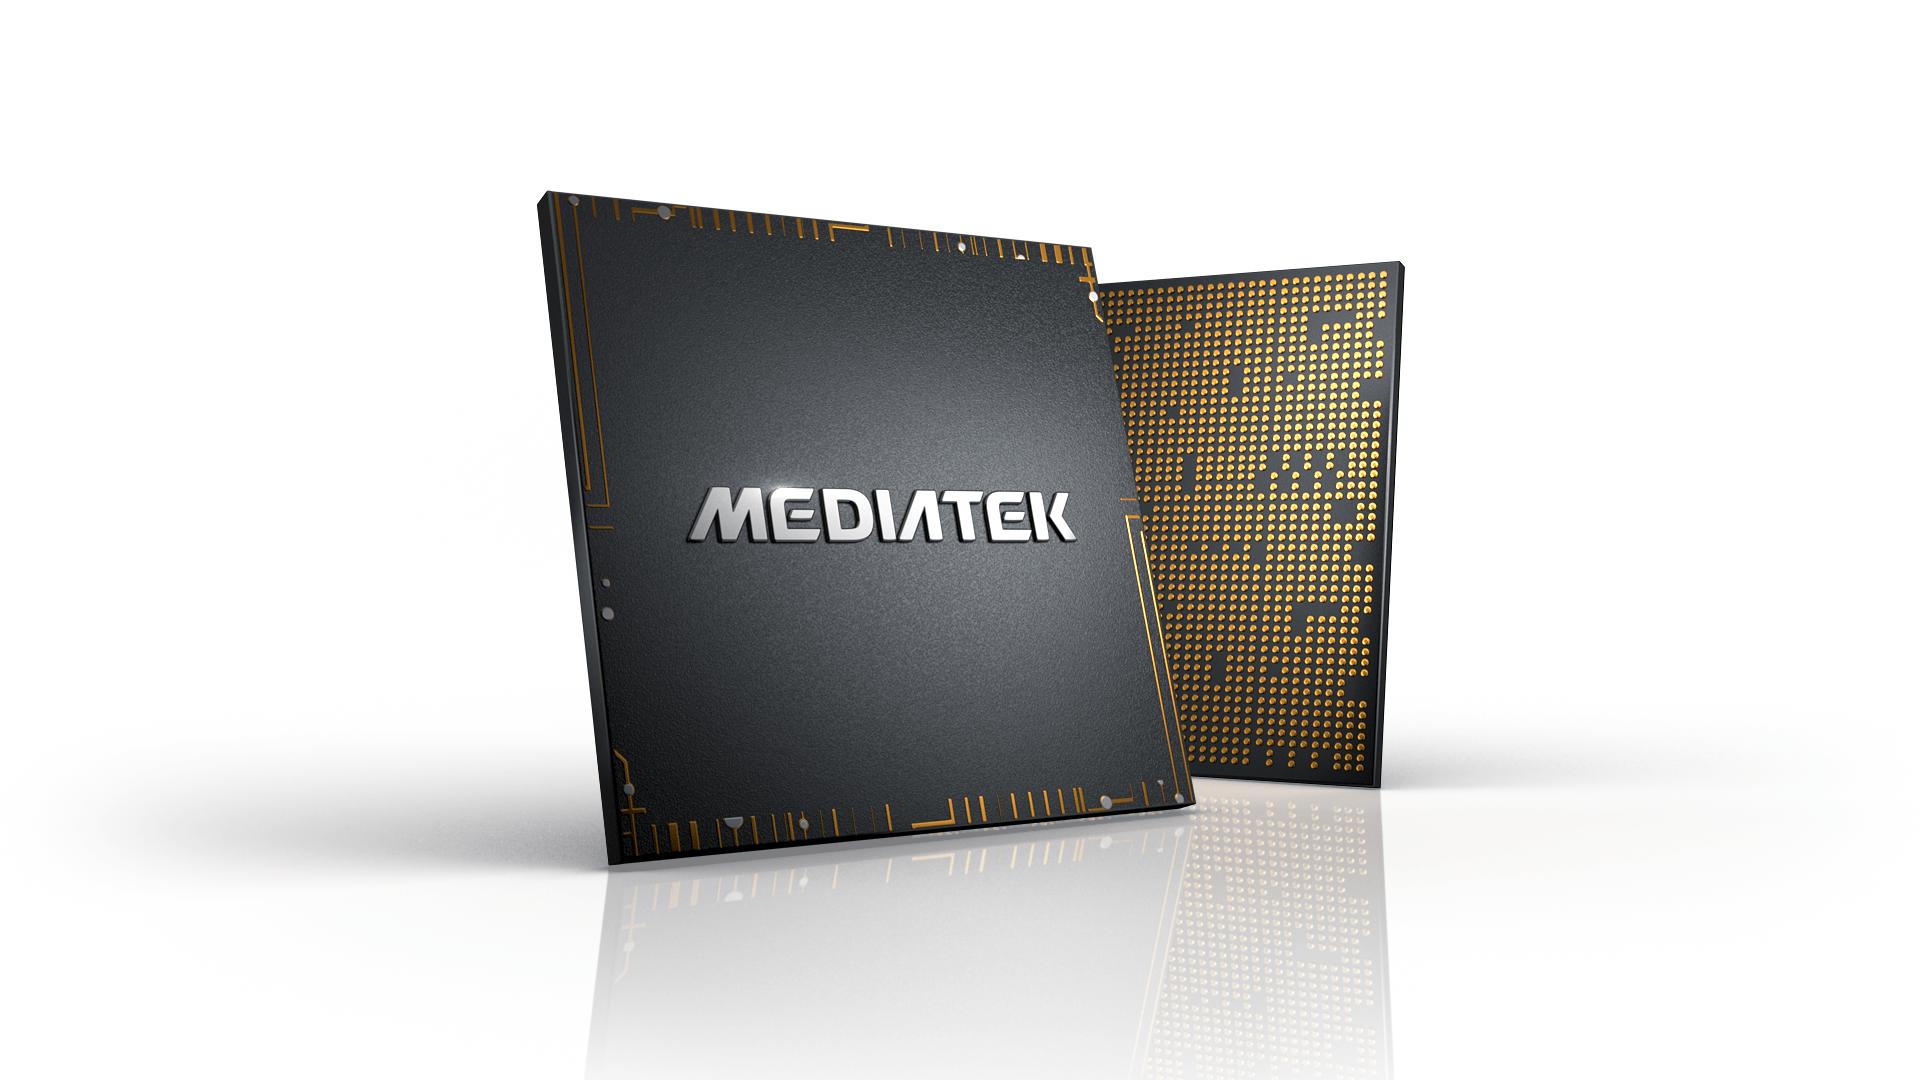 MediaTek công bố Chipset MT7921 Wi-Fi 6 được sử dụng cho laptop gaming mới của ASUS